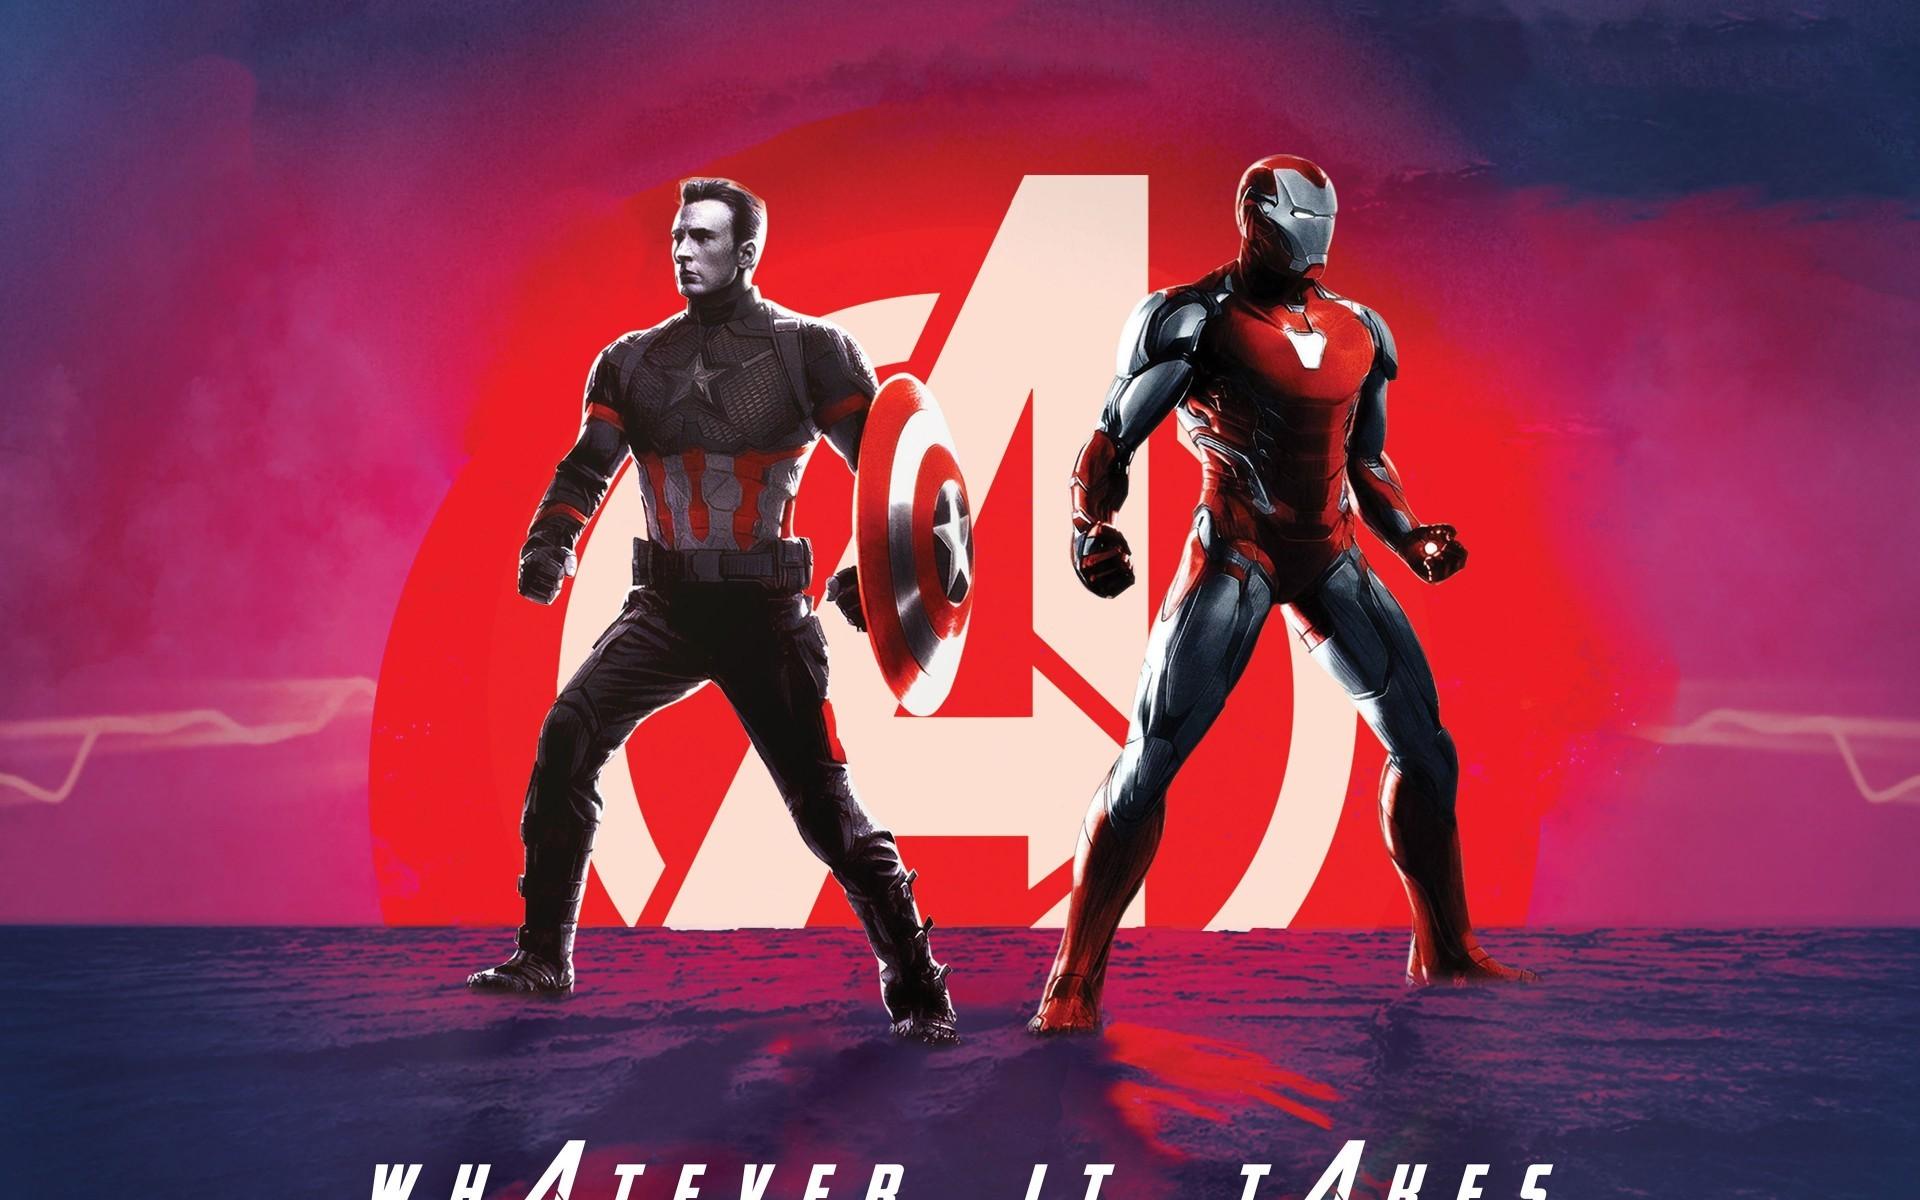 Iron Man, Avengers - Avengers Endgame Captain America - HD Wallpaper